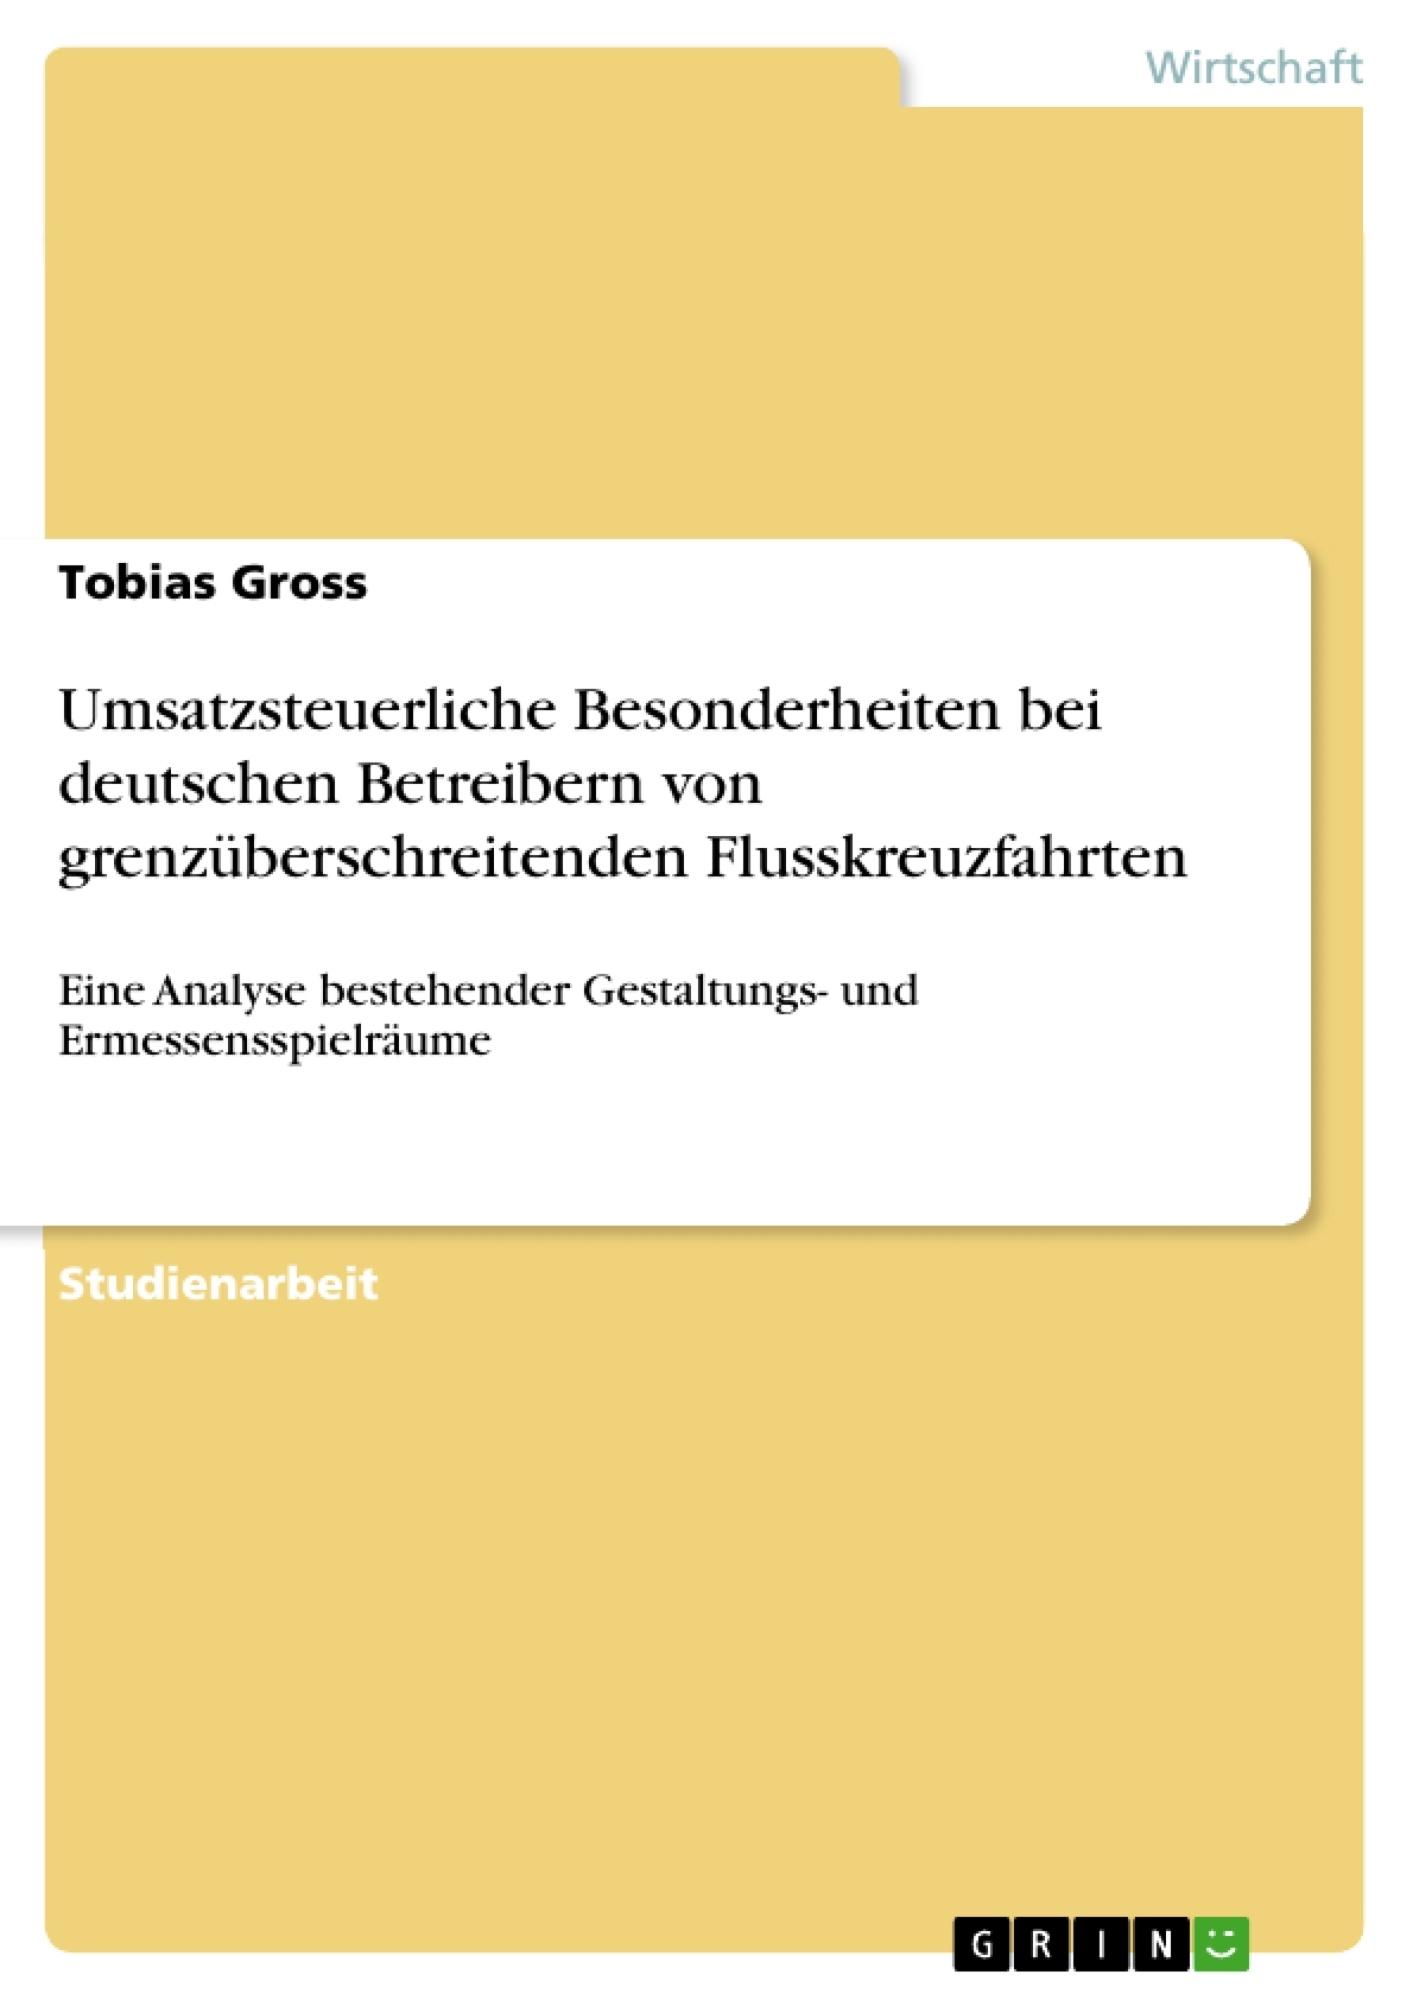 Titel: Umsatzsteuerliche Besonderheiten bei deutschen Betreibern von grenzüberschreitenden Flusskreuzfahrten